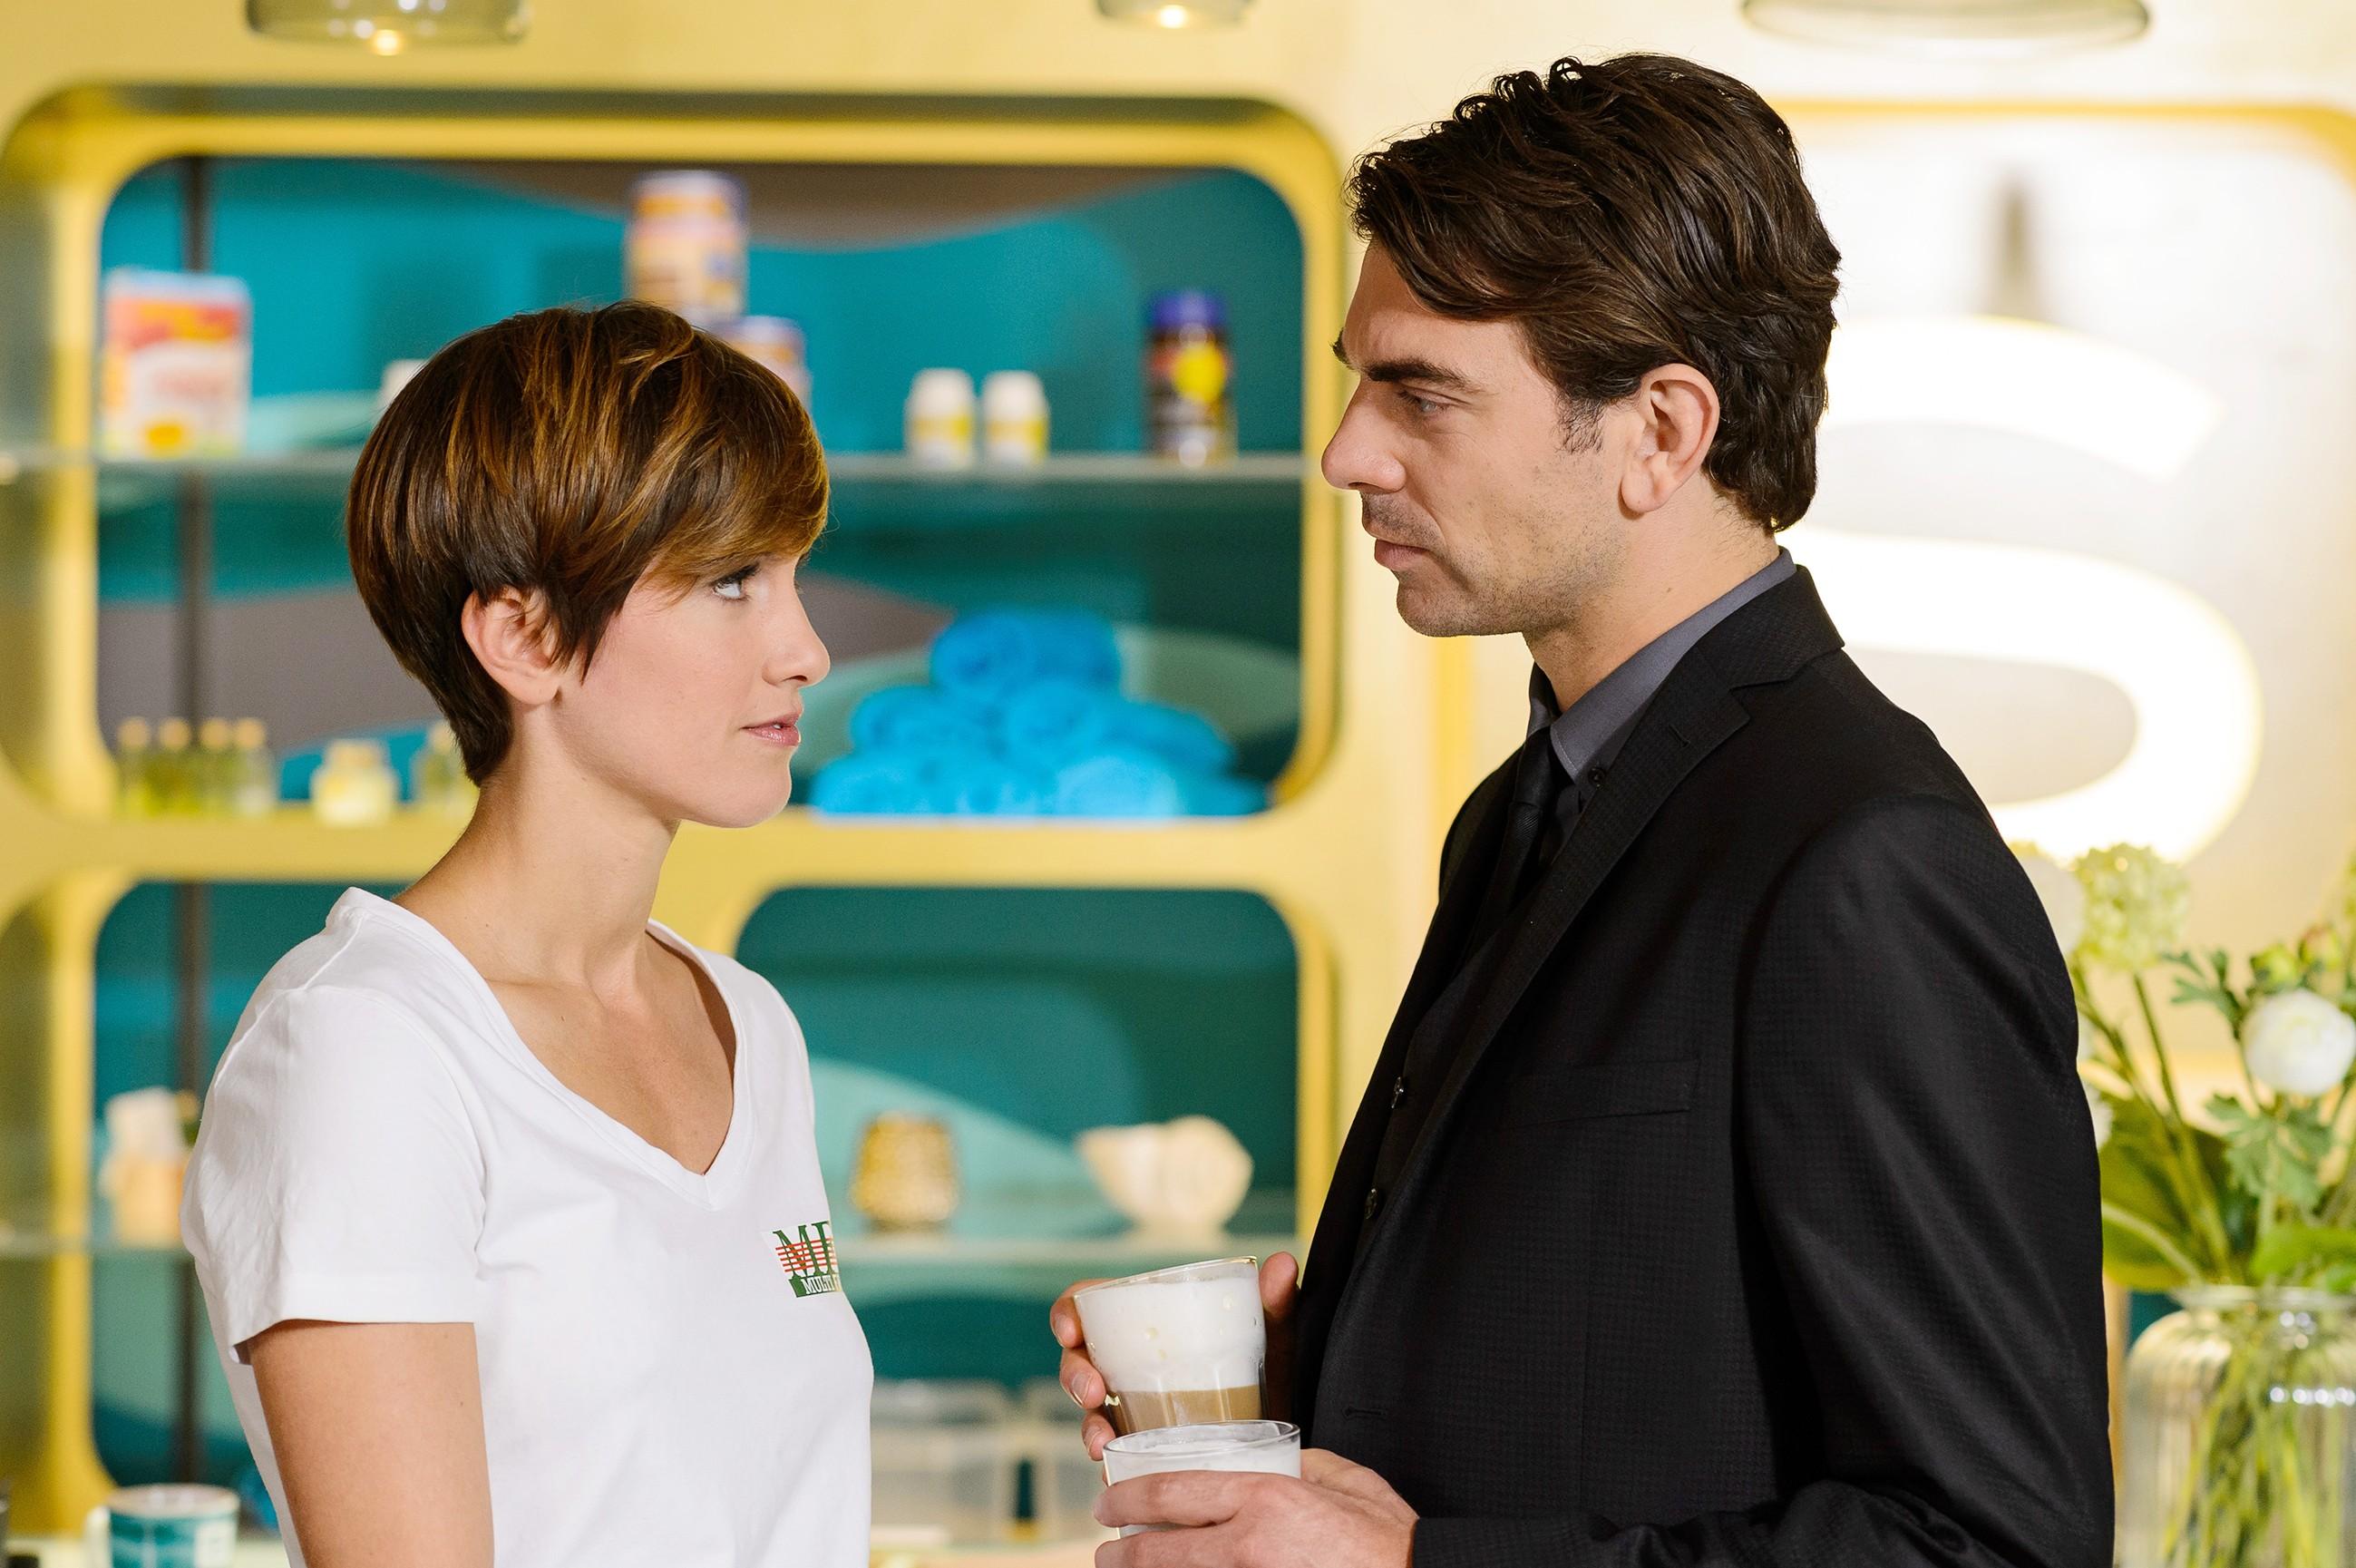 Pia (Isabell Horn) und Veit (Carsten Clemens) sind gleichermaßen überrascht, als ausgerechnet sie beide die Vertragsverlängerung für Multifriends aushandeln sollen. (Quelle: RTL / Willi Weber)